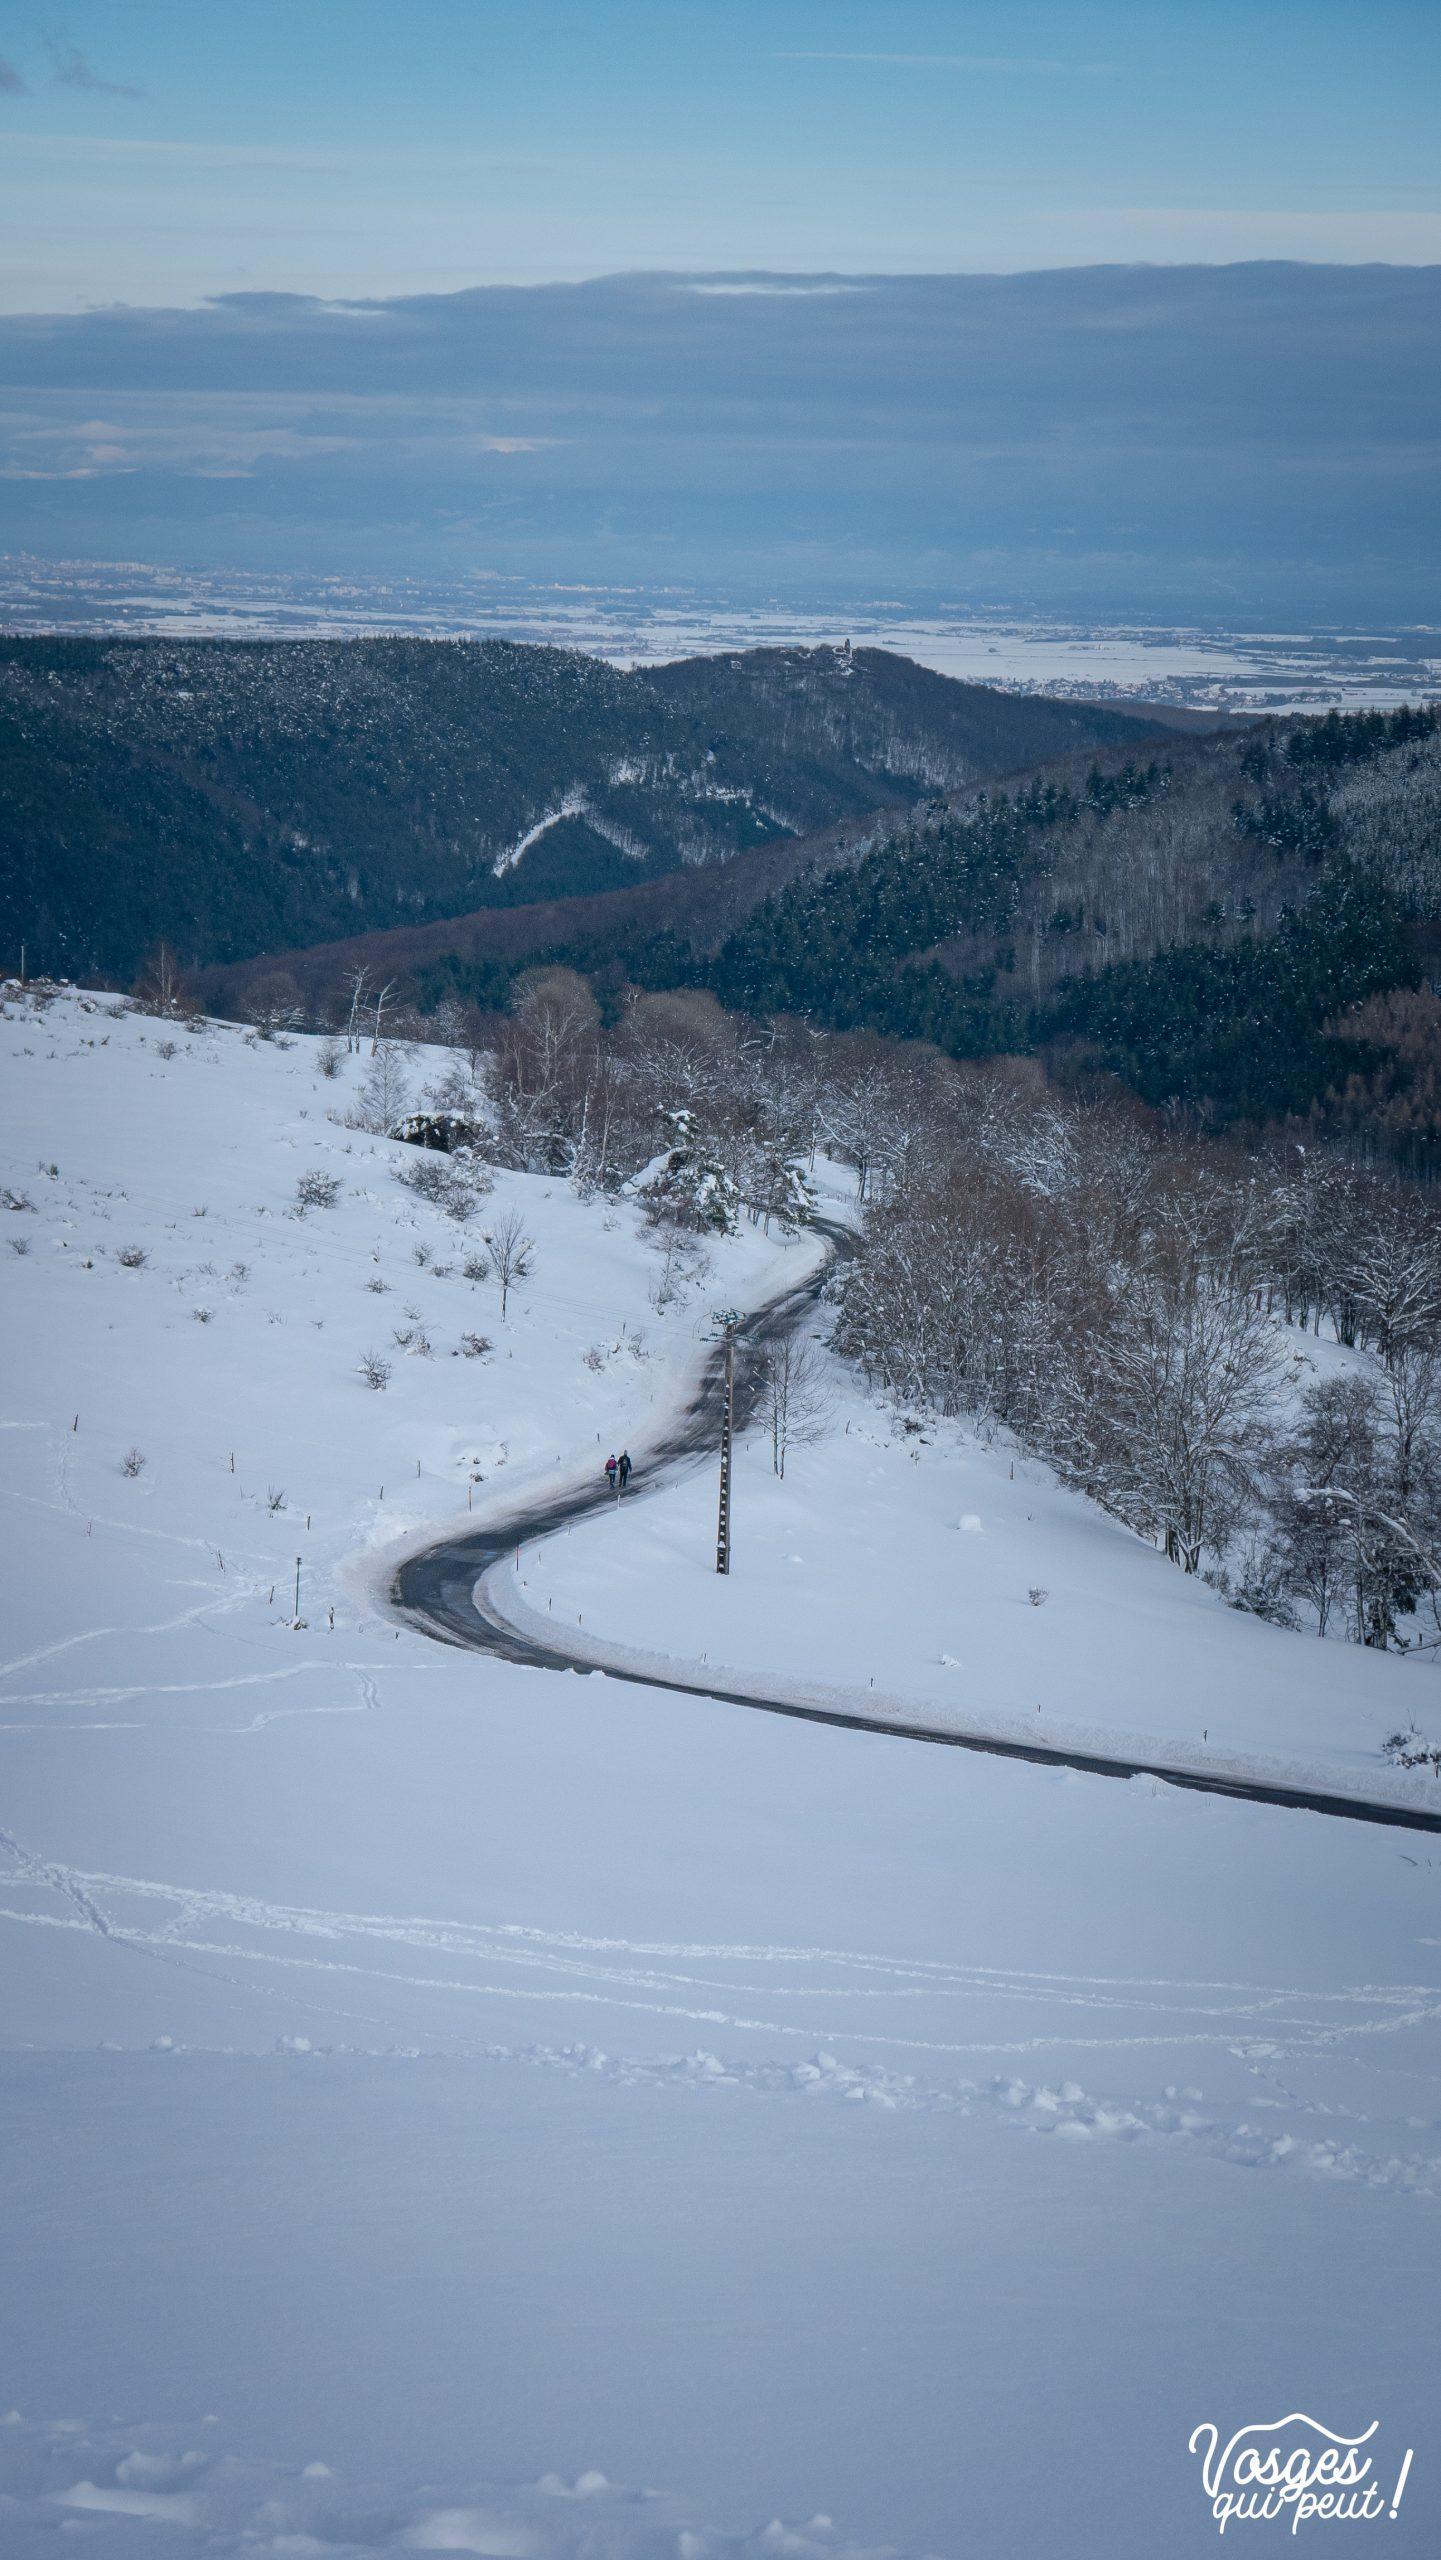 Une route sinue entre les prés enneigés au-dessus de Grendelbruch